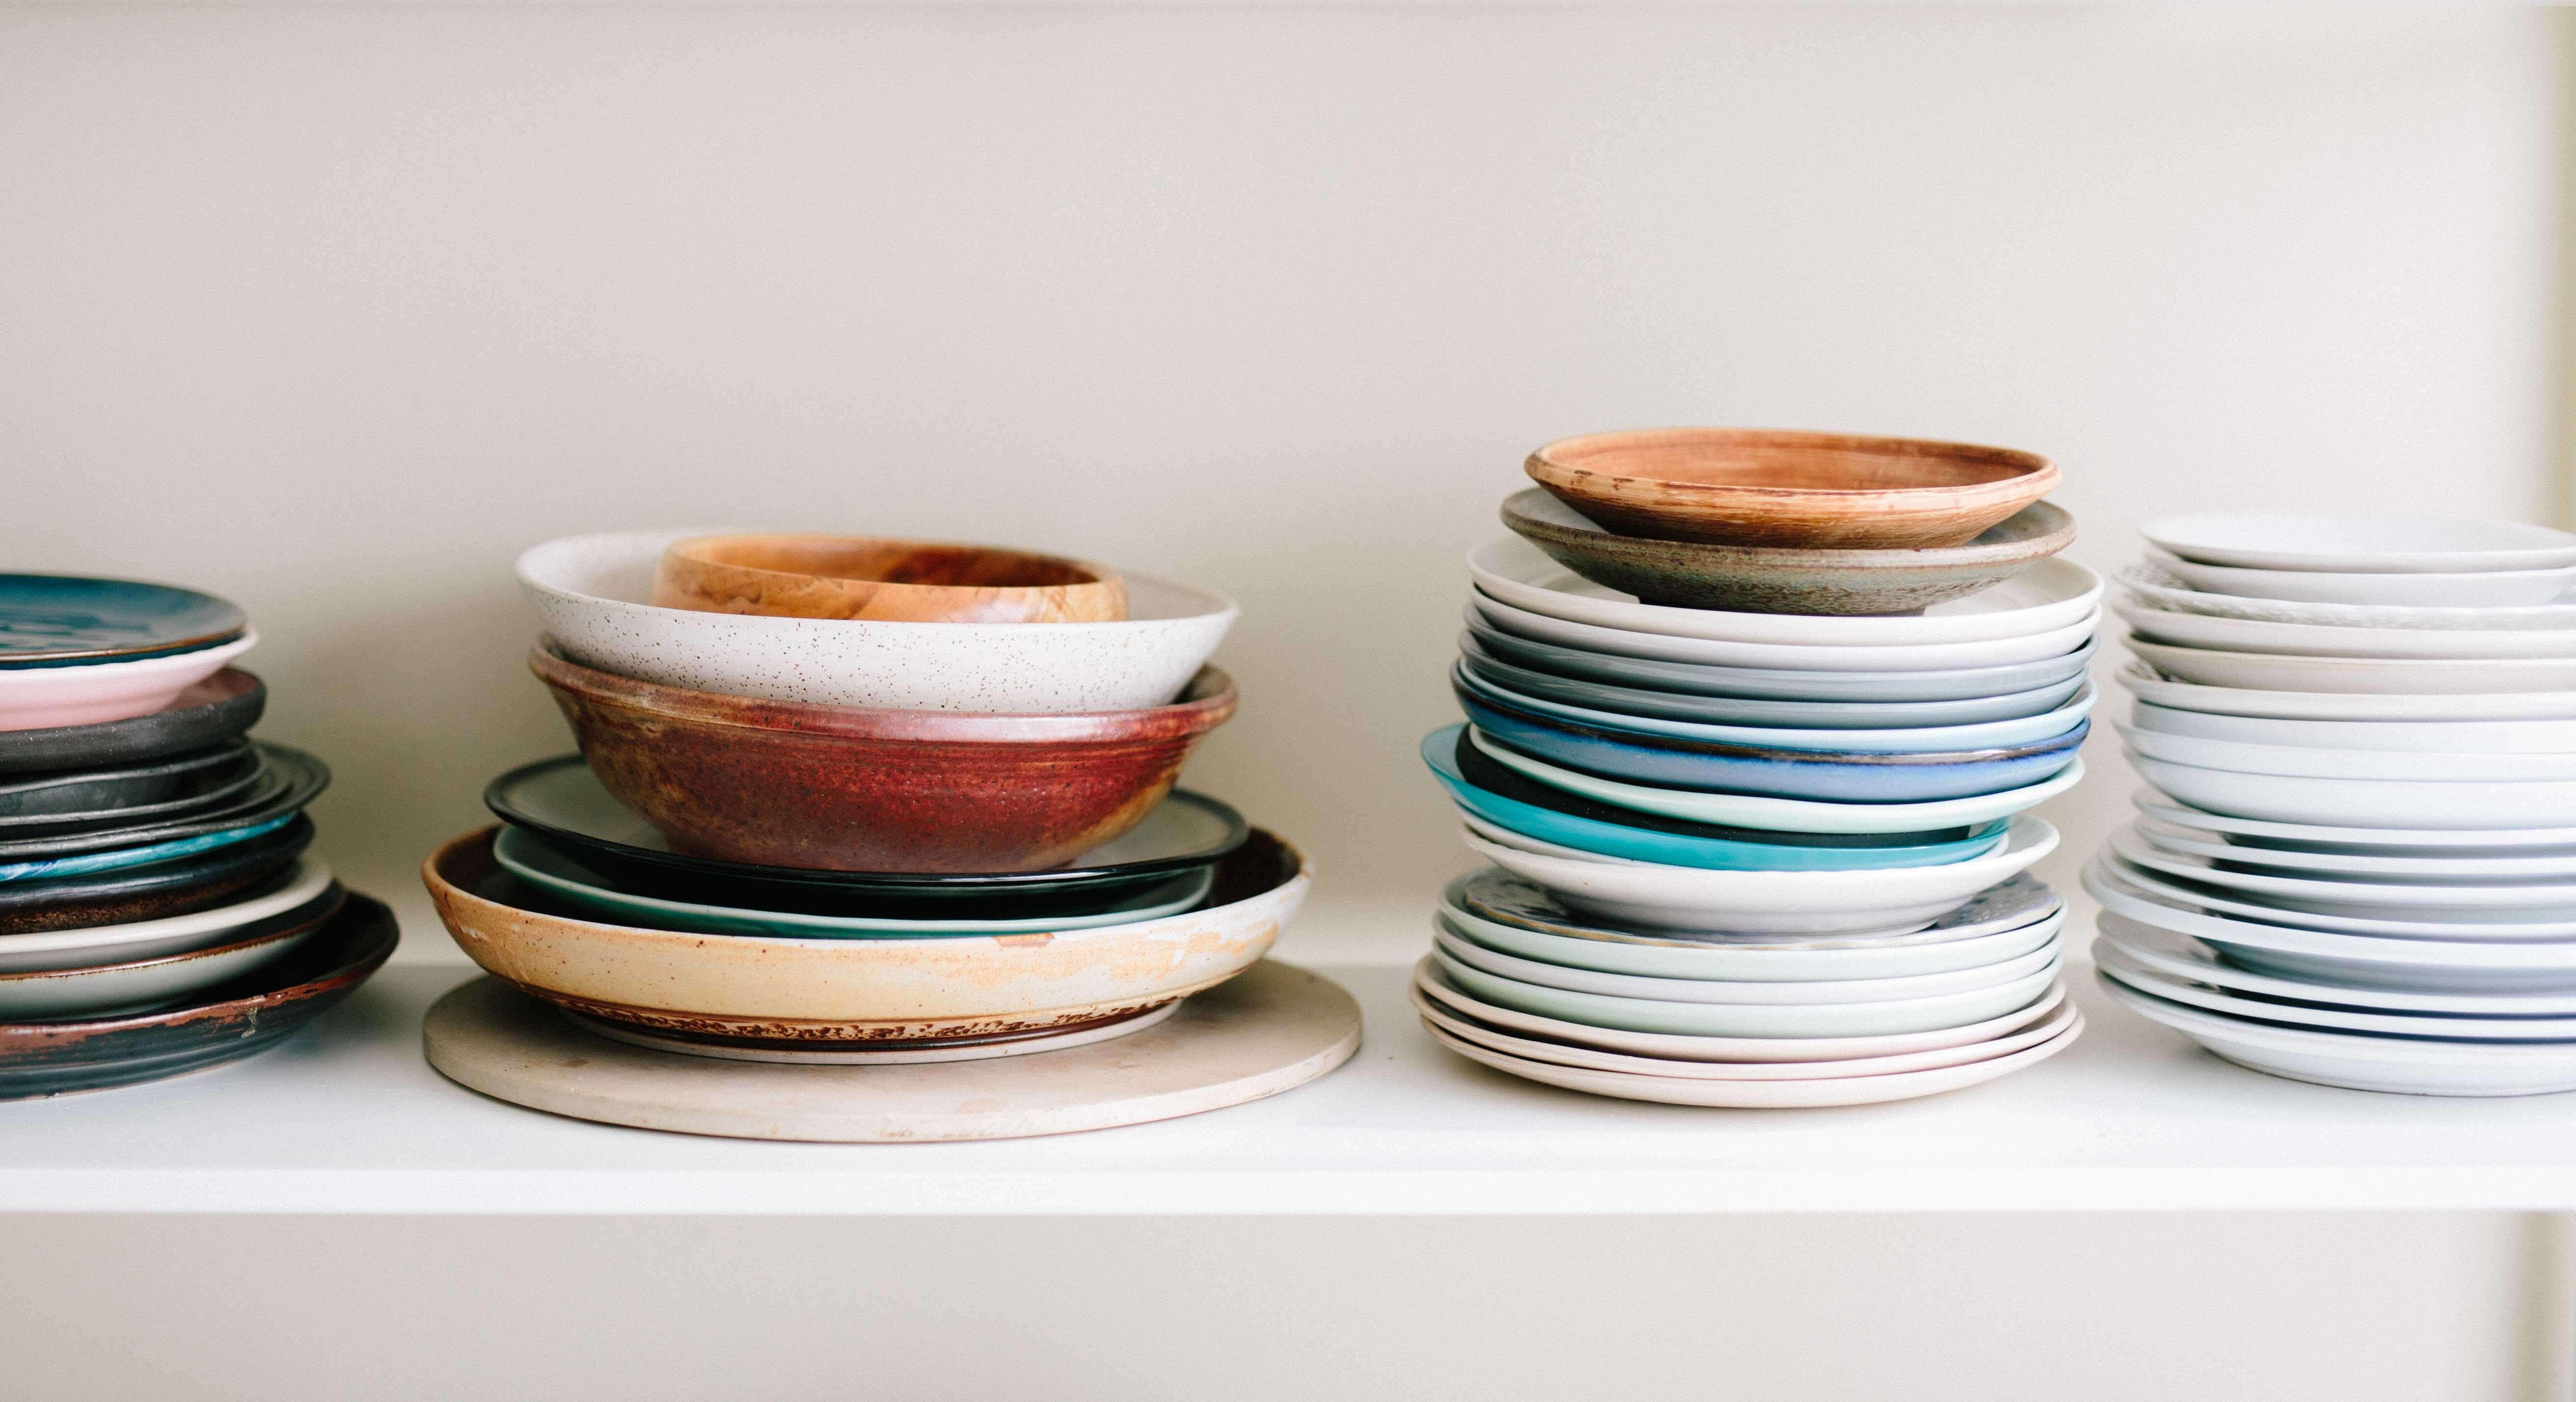 Как экономить на питании без ущерба качеству, часть 2